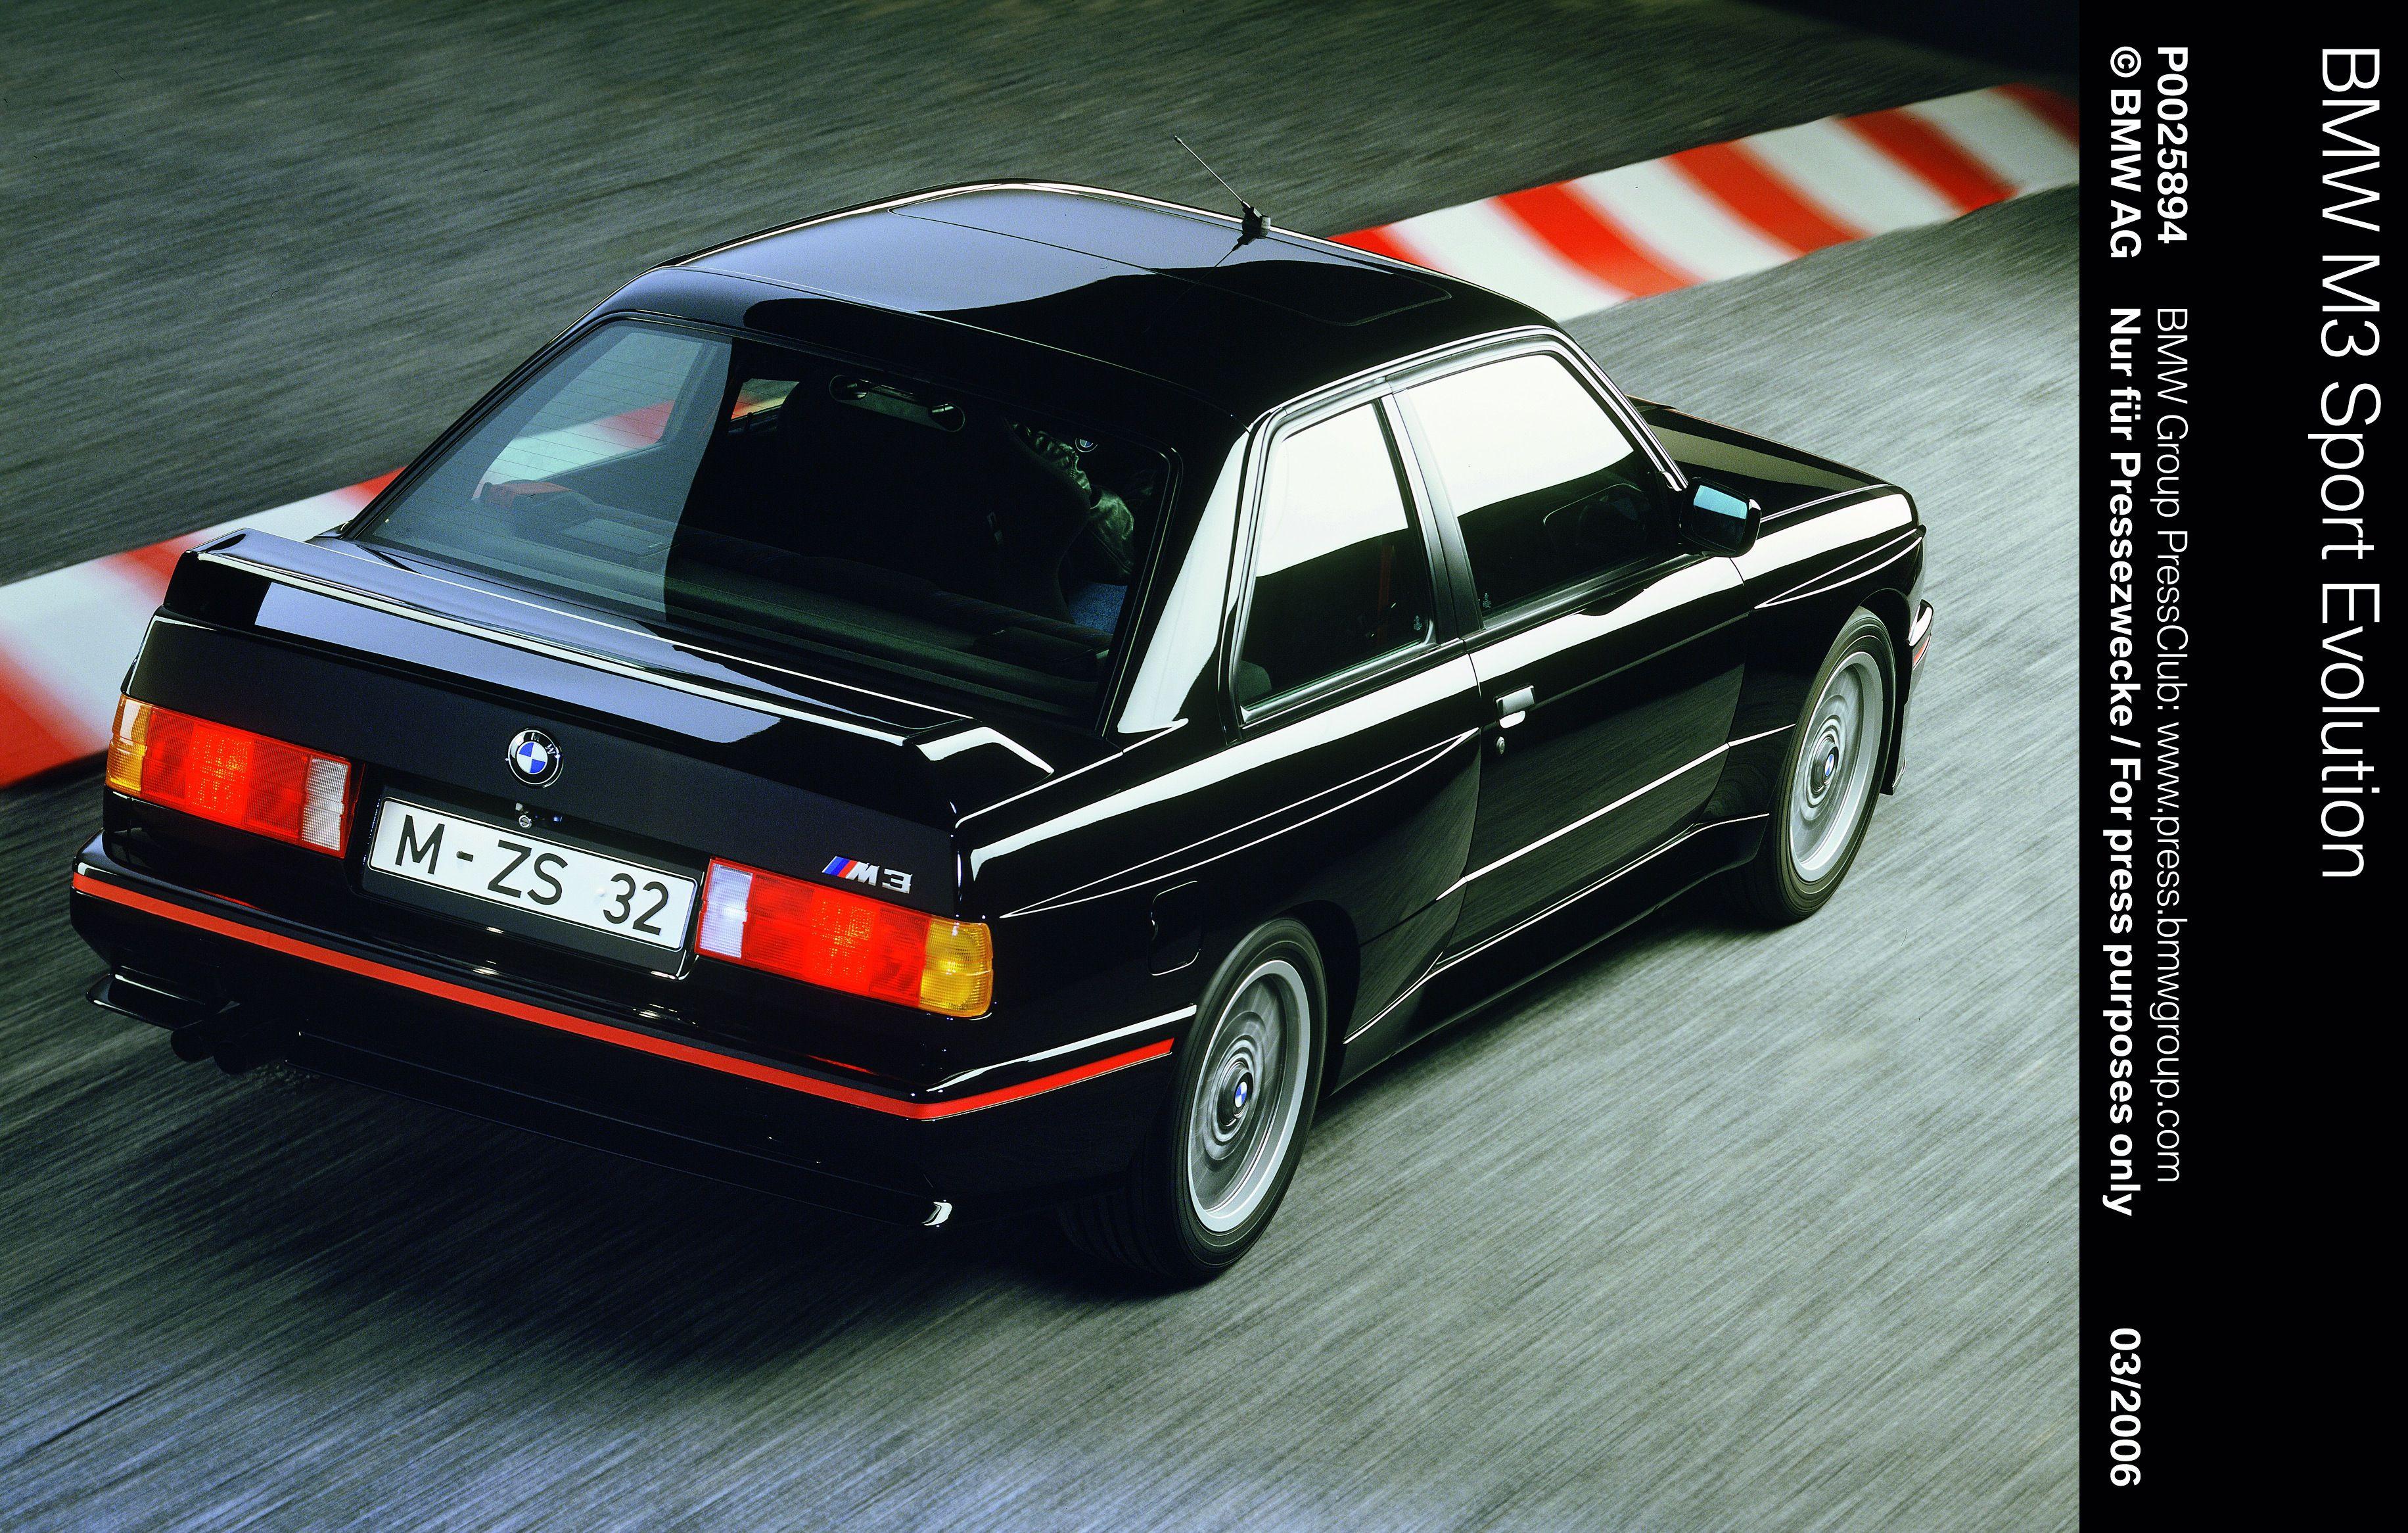 Bmw M3 Evo Black Com Imagens Bmw M3 E30 Bmw Bmw E30